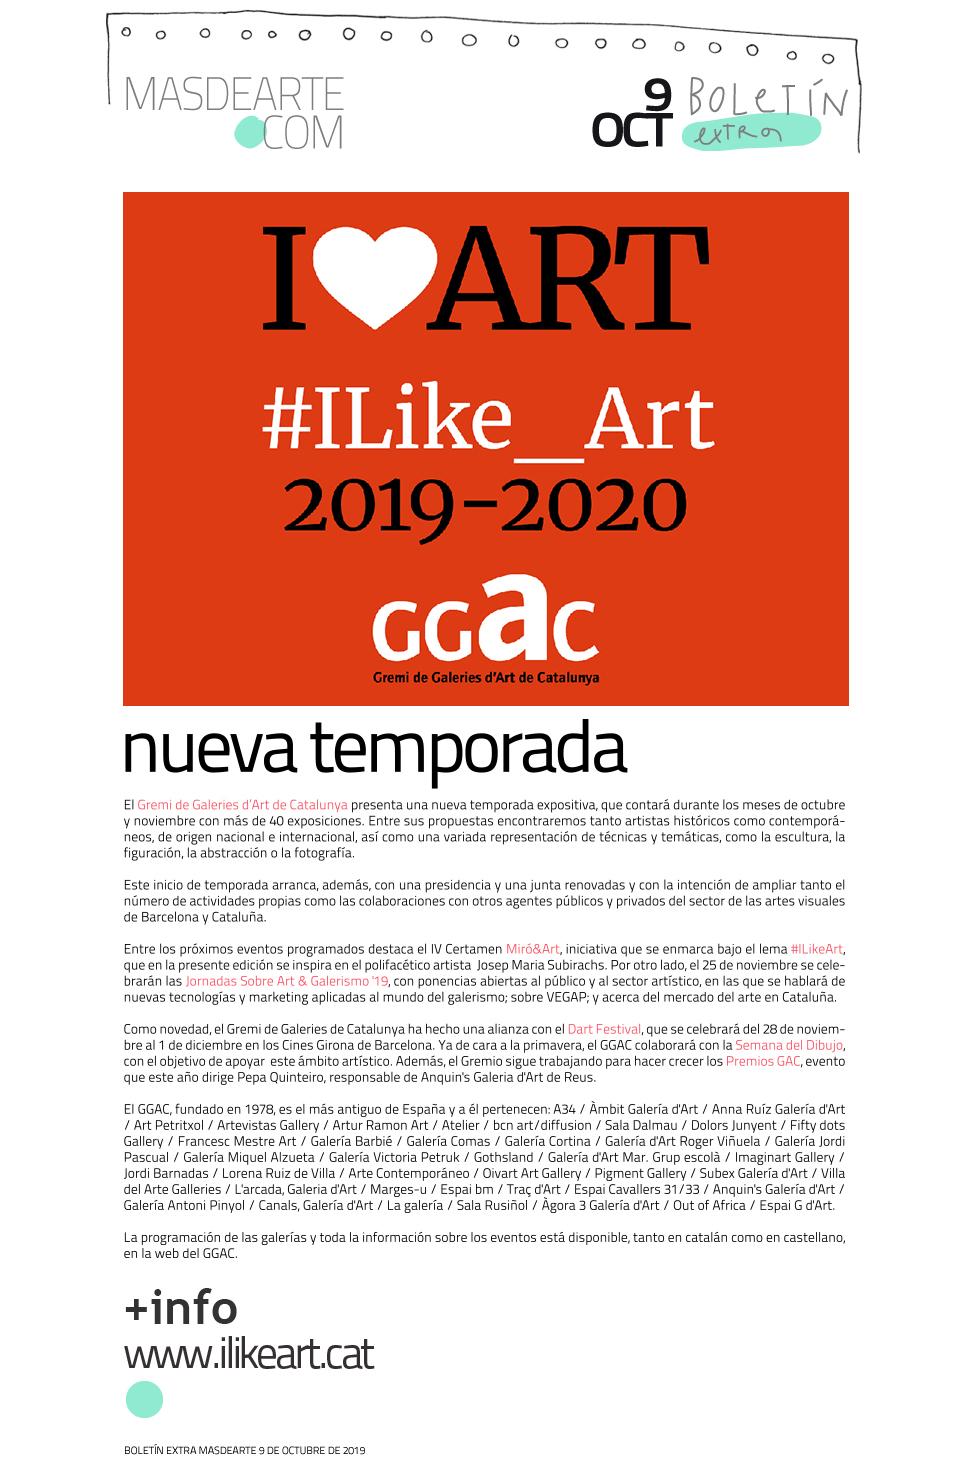 Nueva temporada de exposiciones en las galerías de Cataluña. El GGAC presenta su programación para los meses de octubre y noviembre